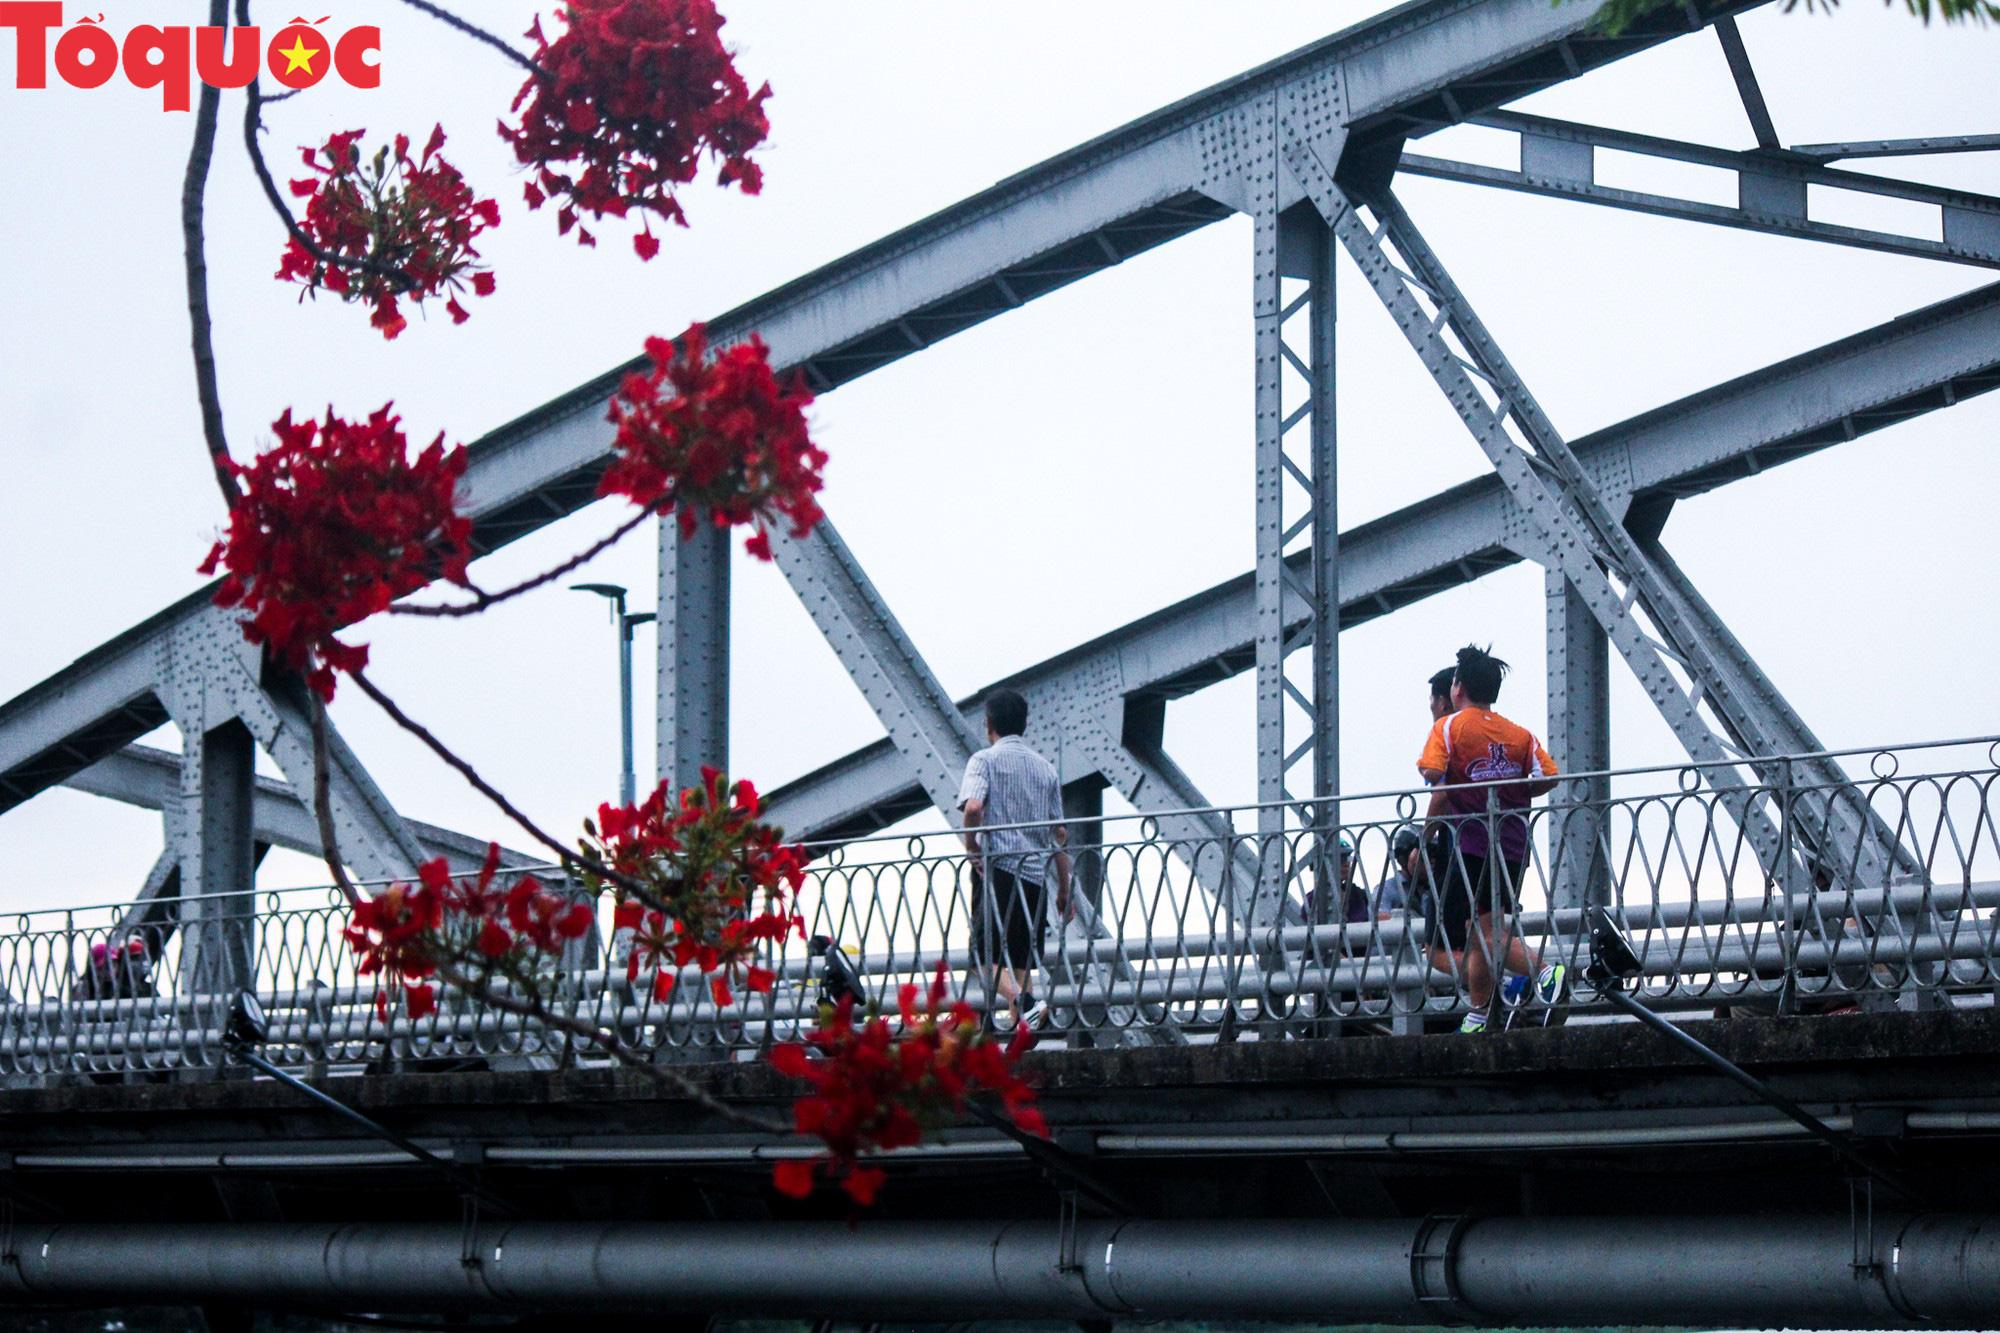 Đất trời xứ Huế đẹp rực rỡ trong mùa phượng vĩ nở hoa - Ảnh 20.